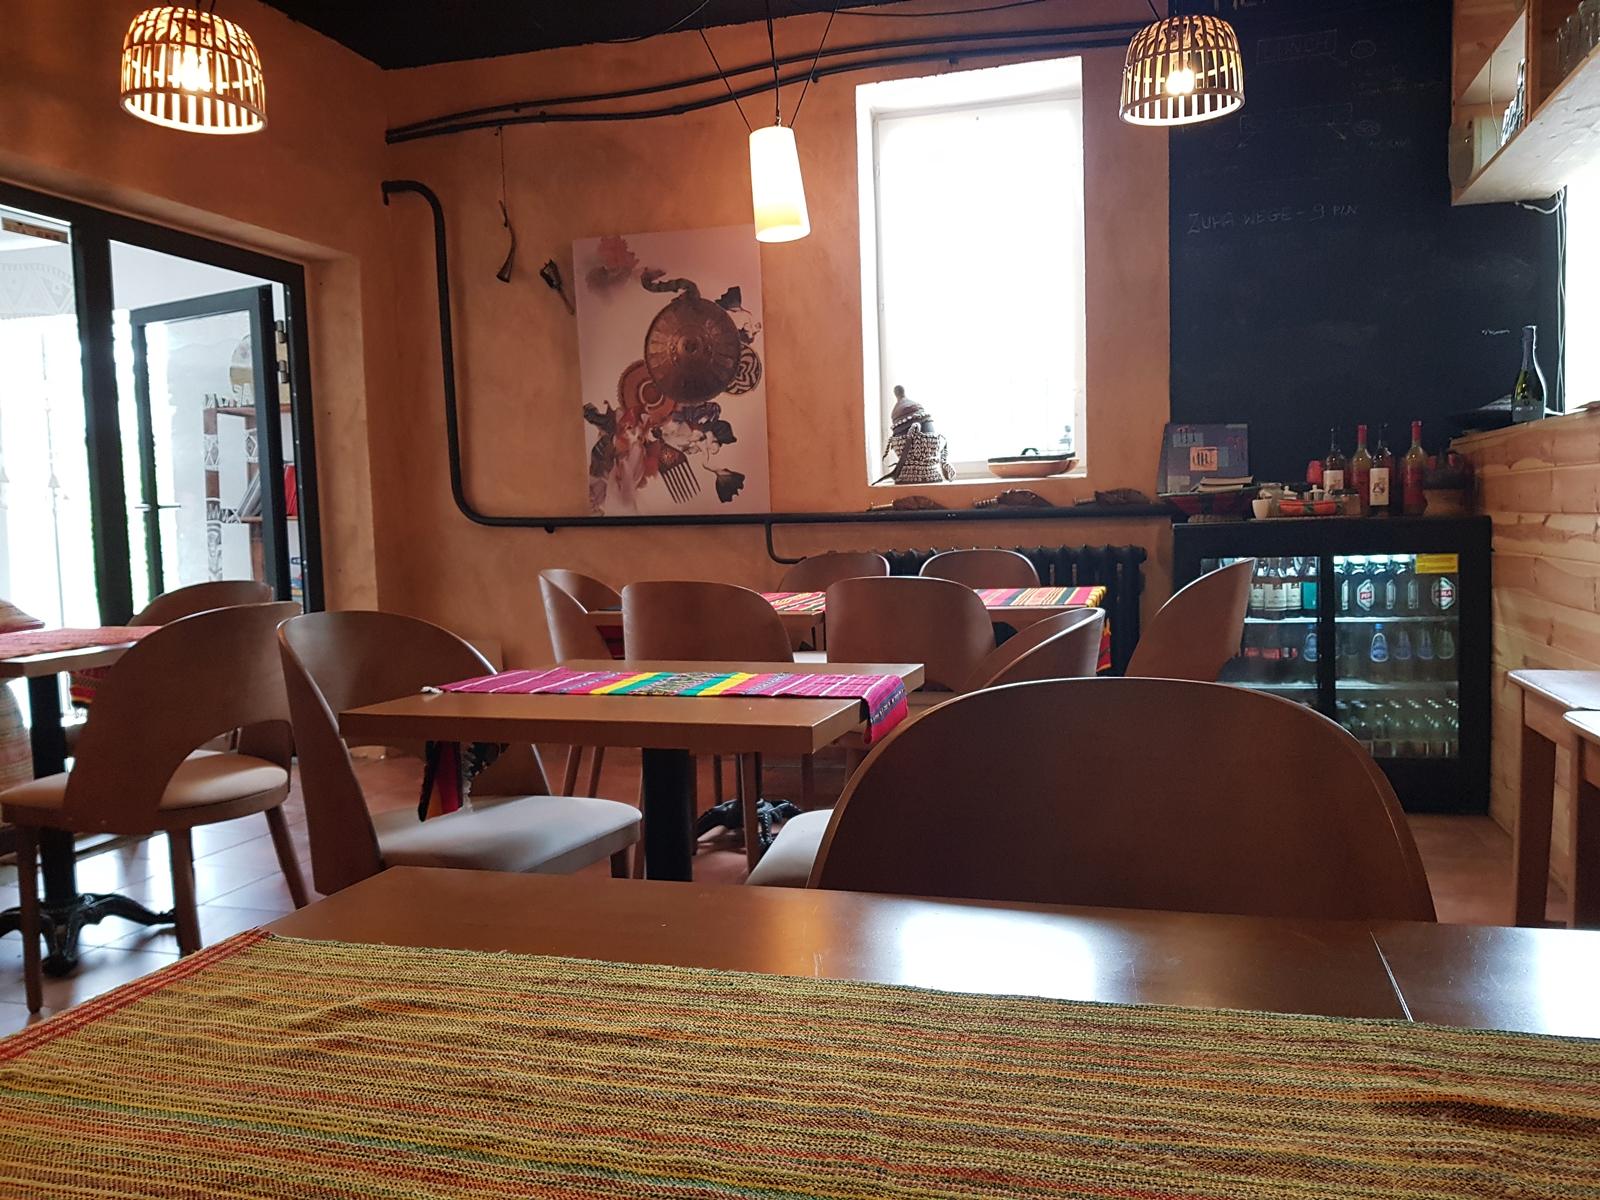 Restauracja Afrykasy Kuchnia Etiopska W Warszawie Czy To Moze Byc